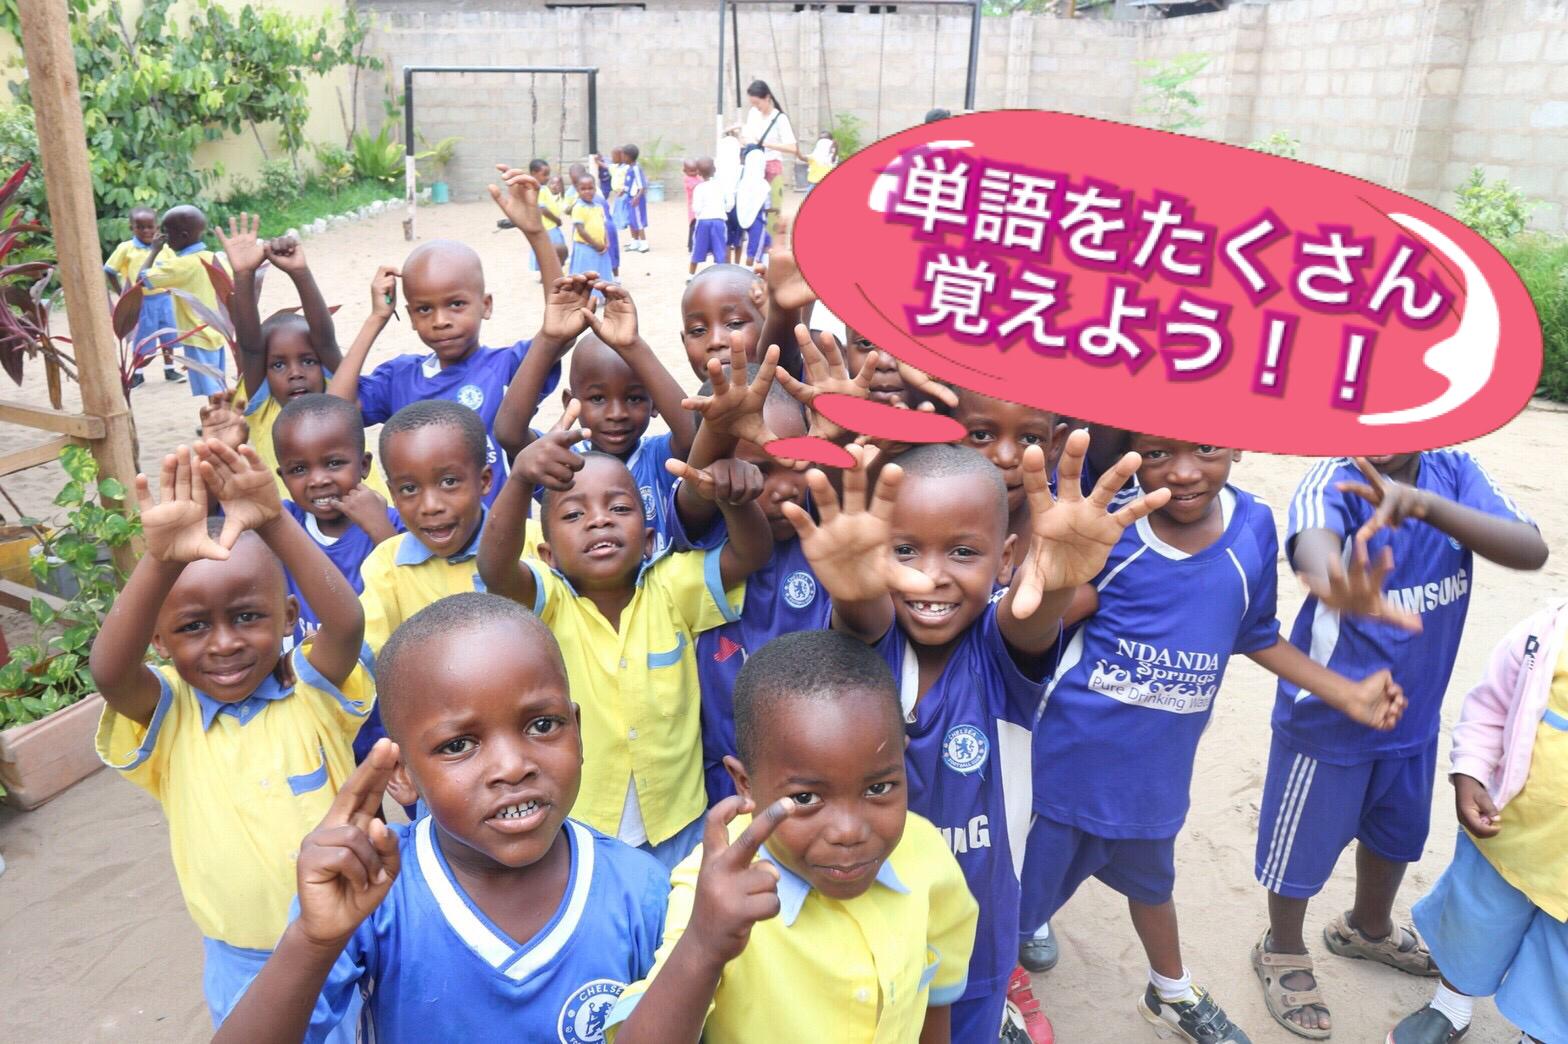 第14回スワヒリ語学習室【使える単語集編①国籍、職業etc】目指せ語彙力UP⤴